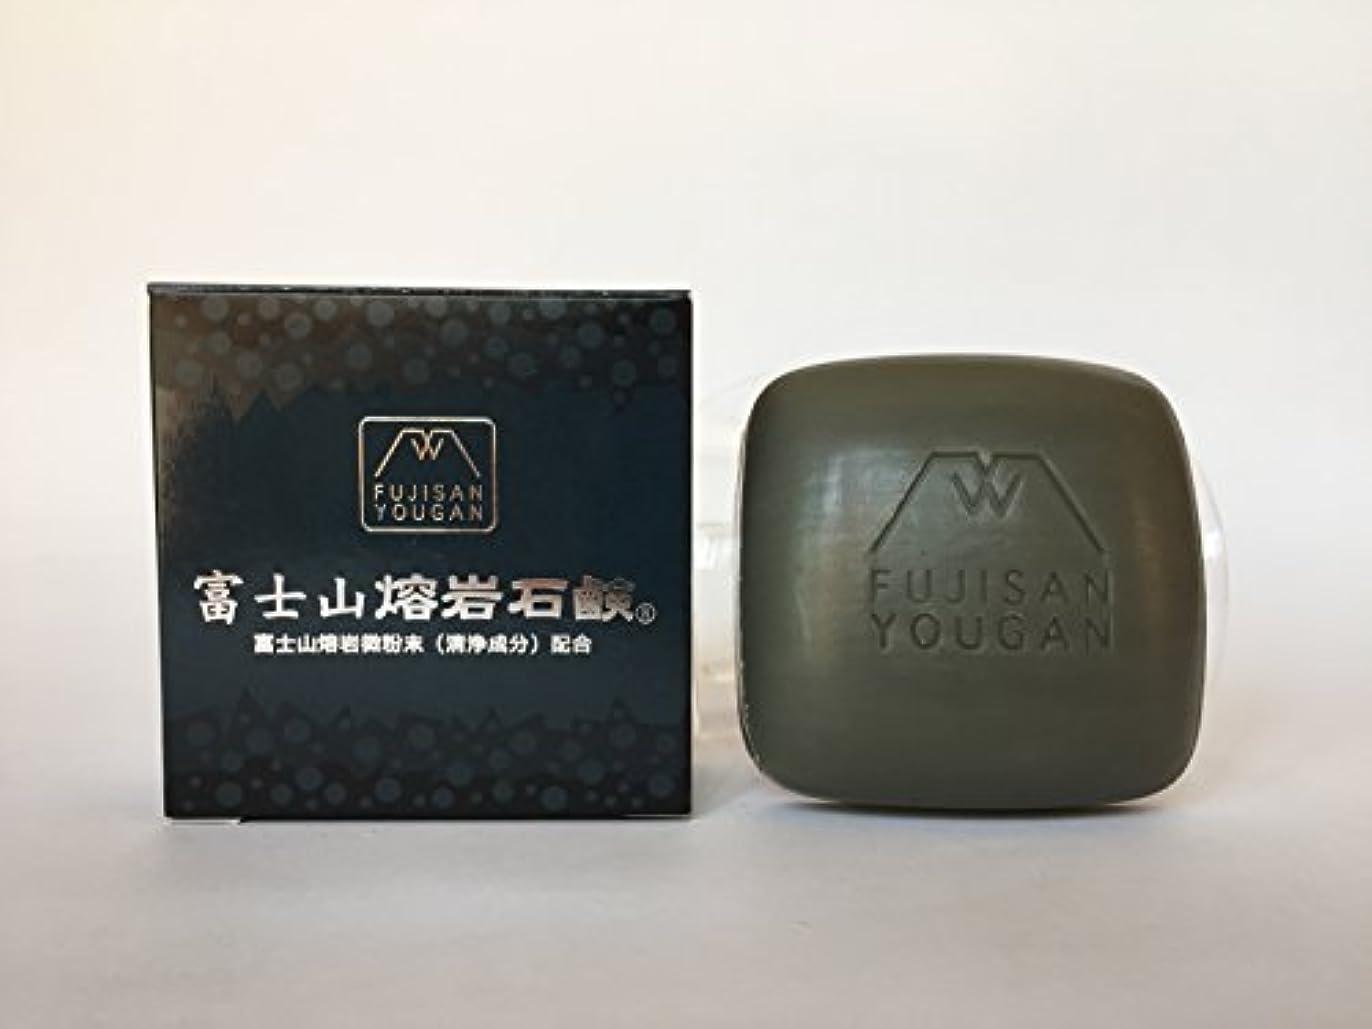 拍手する同じアミューズメント富士山溶岩石鹸 100g/個×2個セット